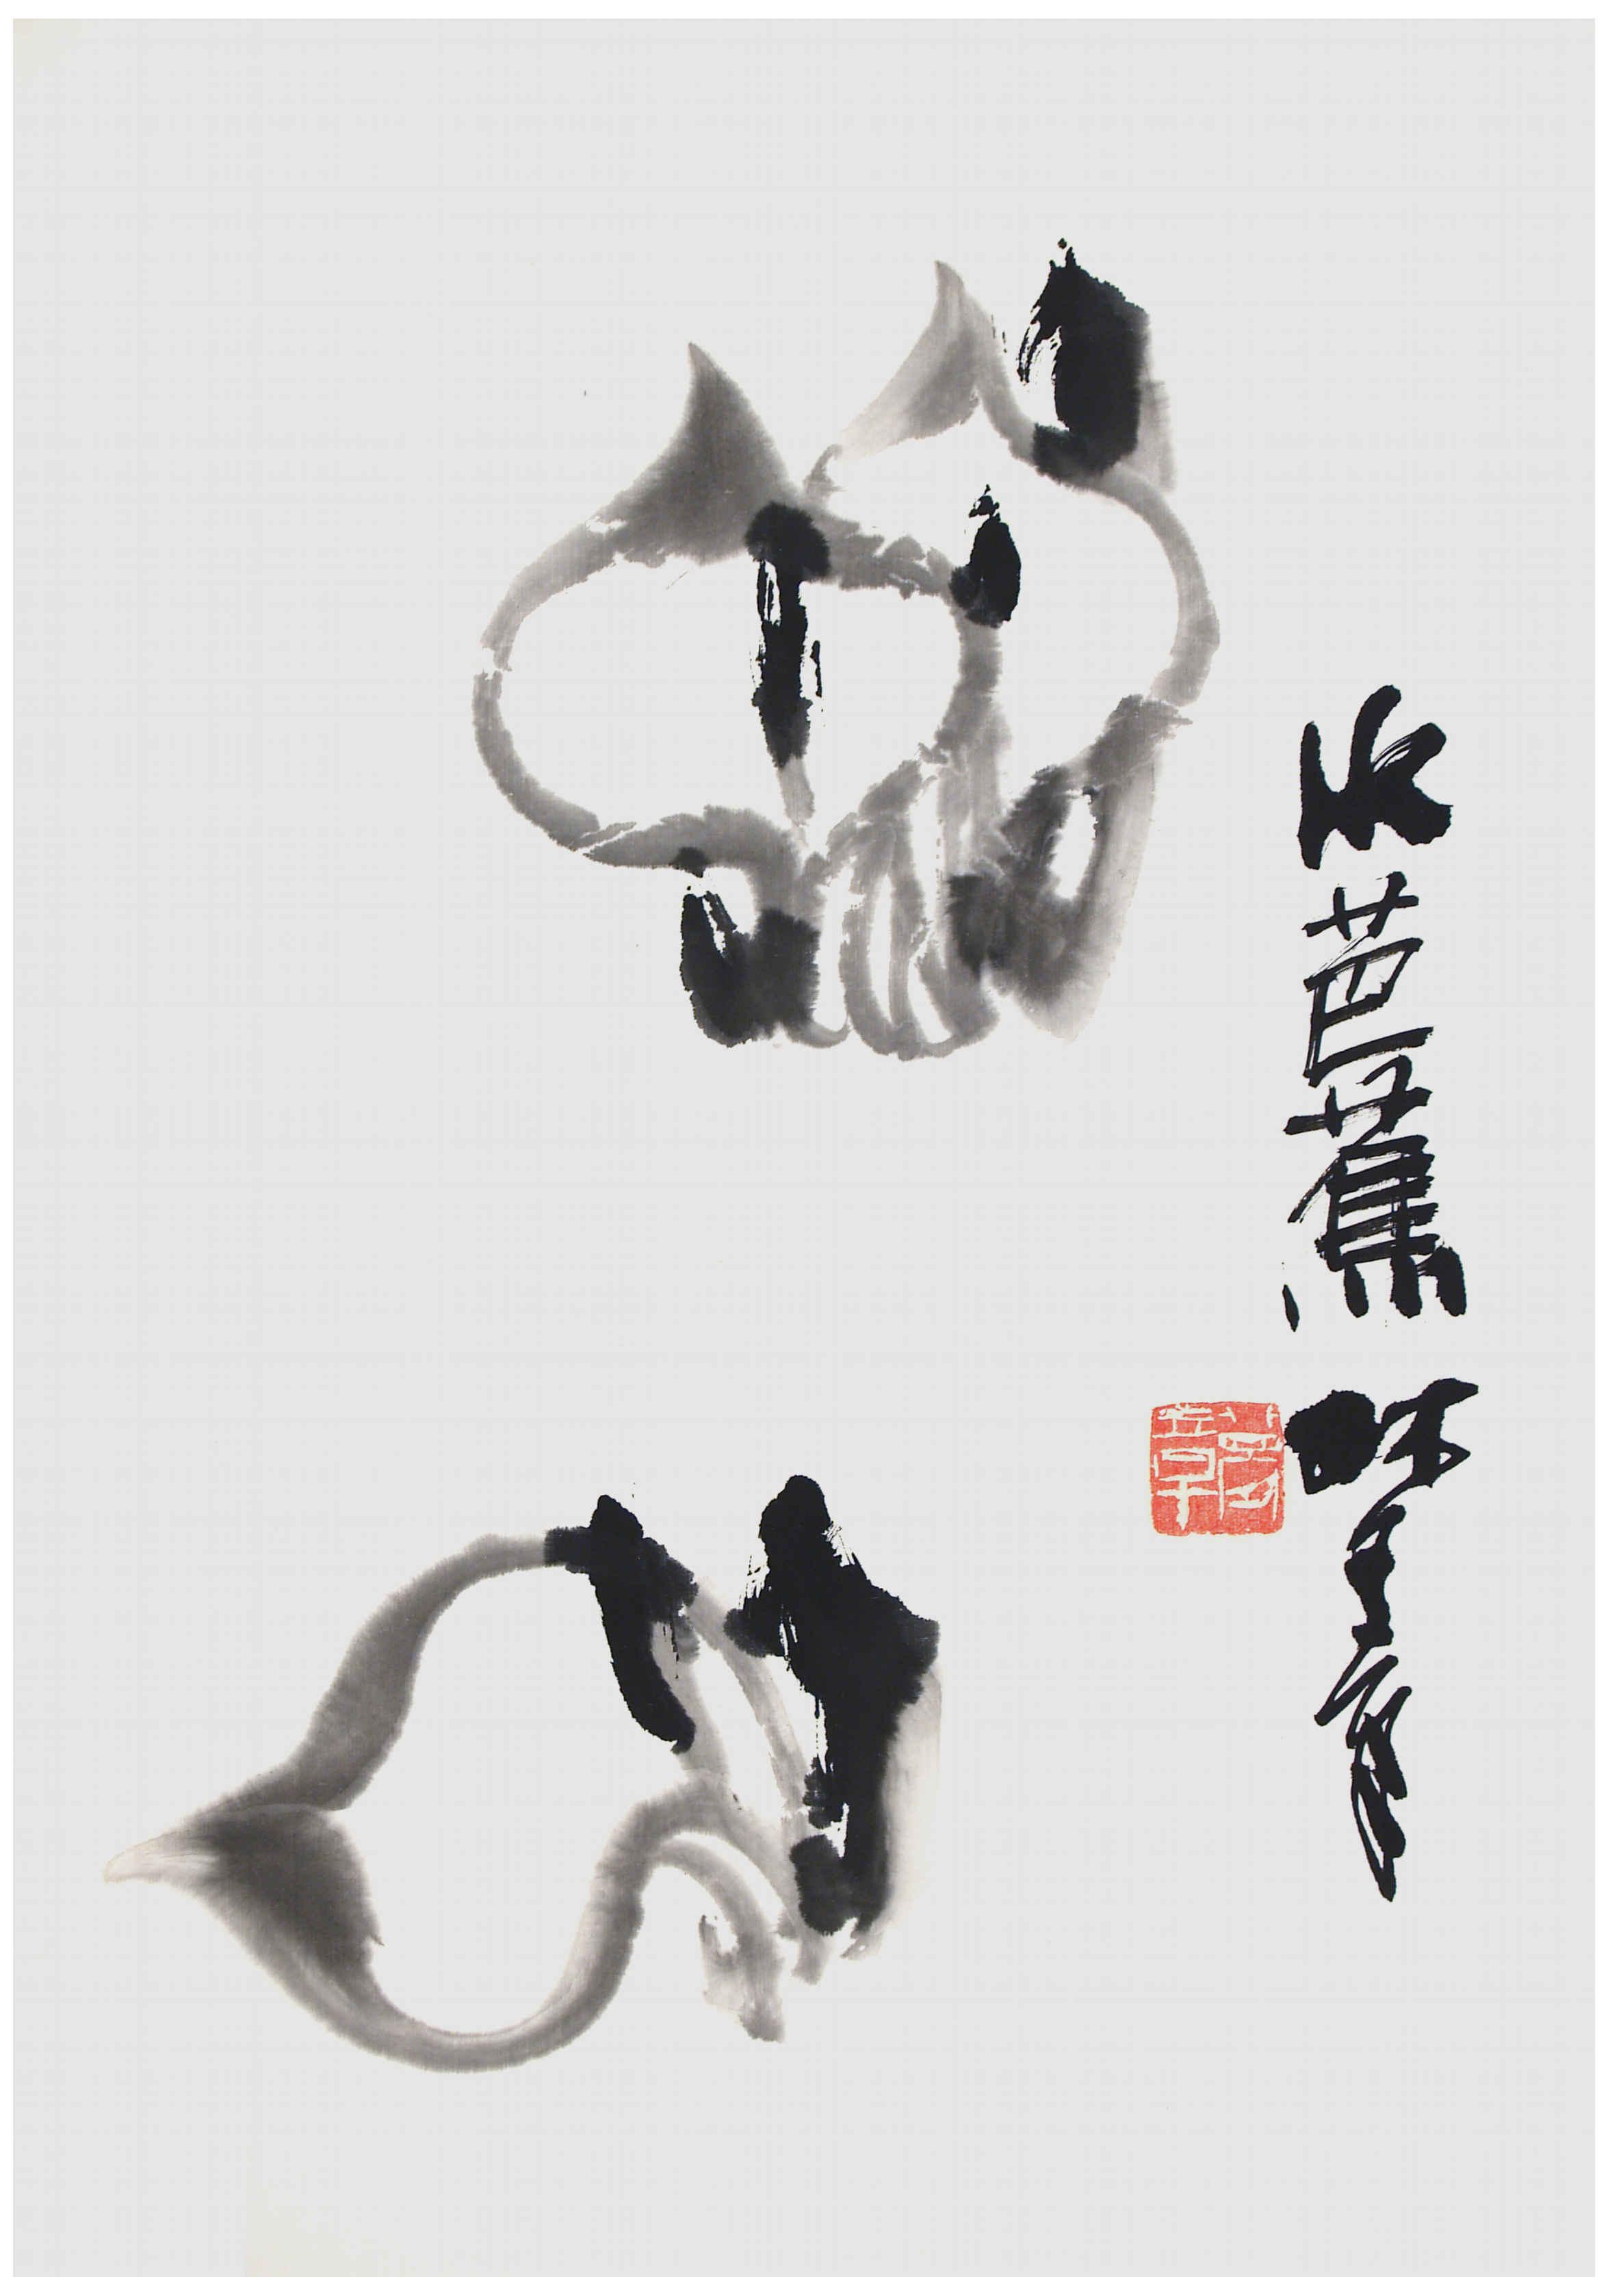 大写意中国画(中国传统绘画文人画水墨画山水画花鸟画国画)